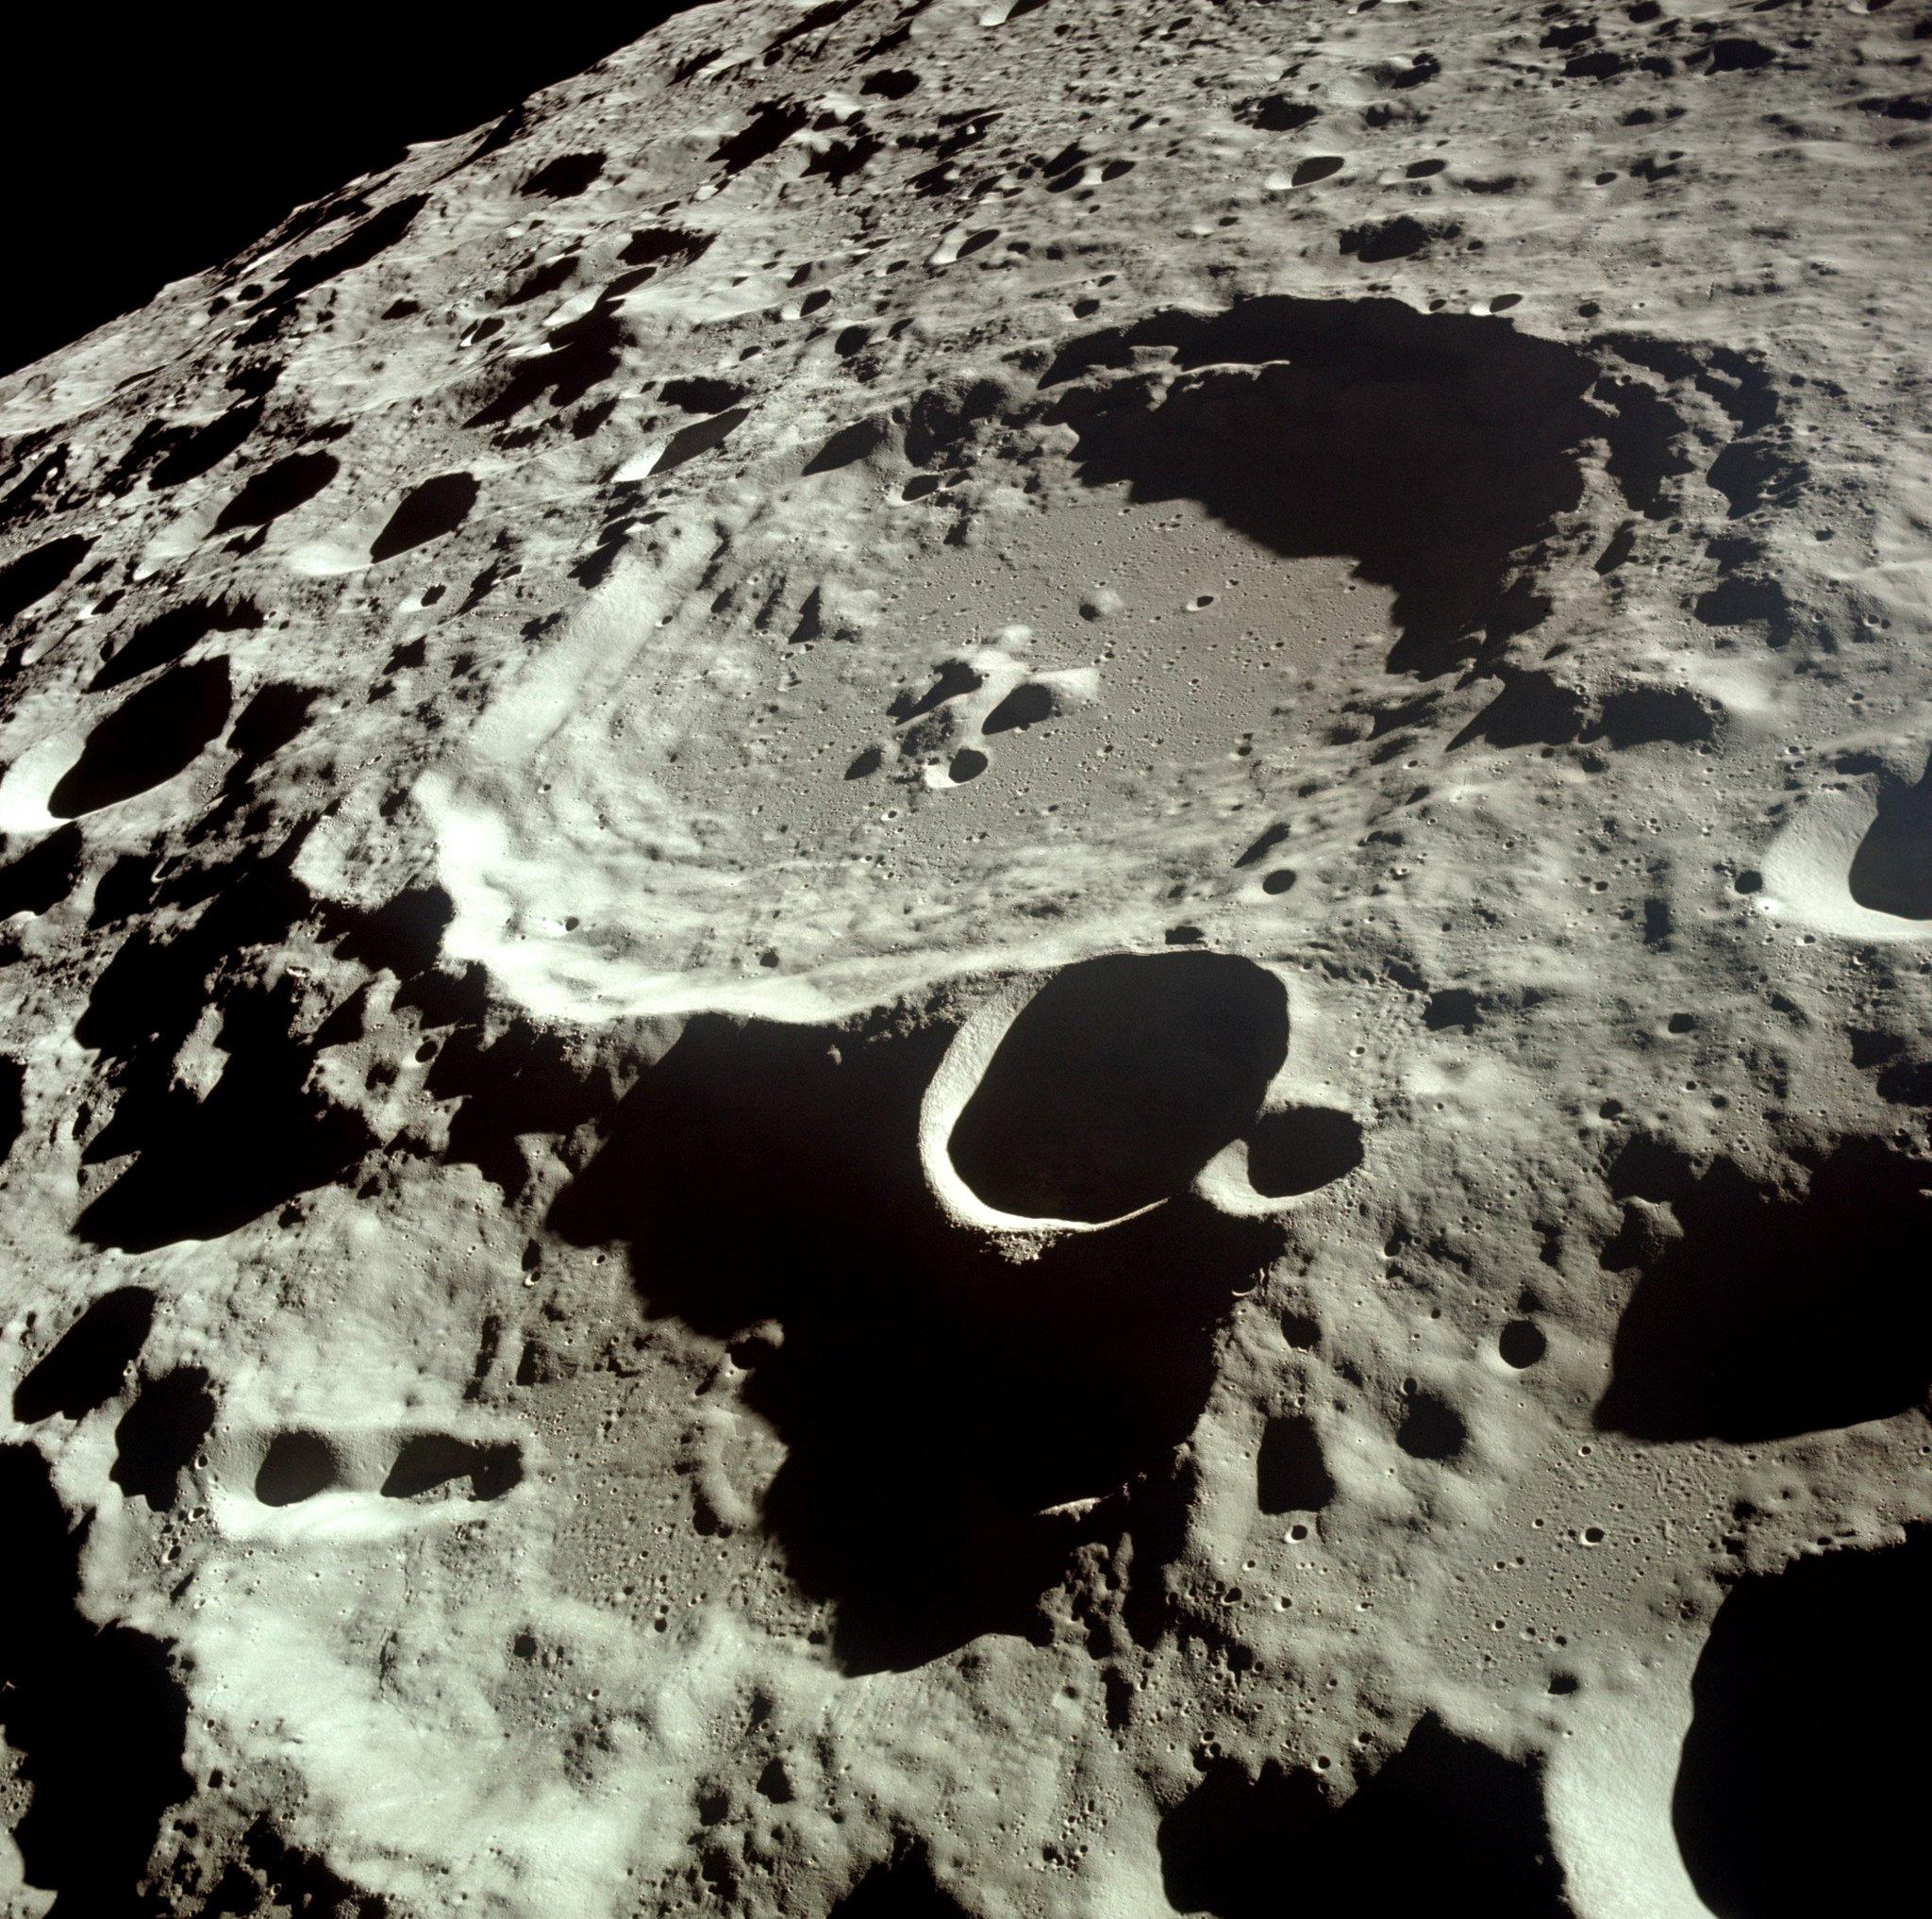 решил луна обратная сторона фото из космоса ловкость, дружелюбие